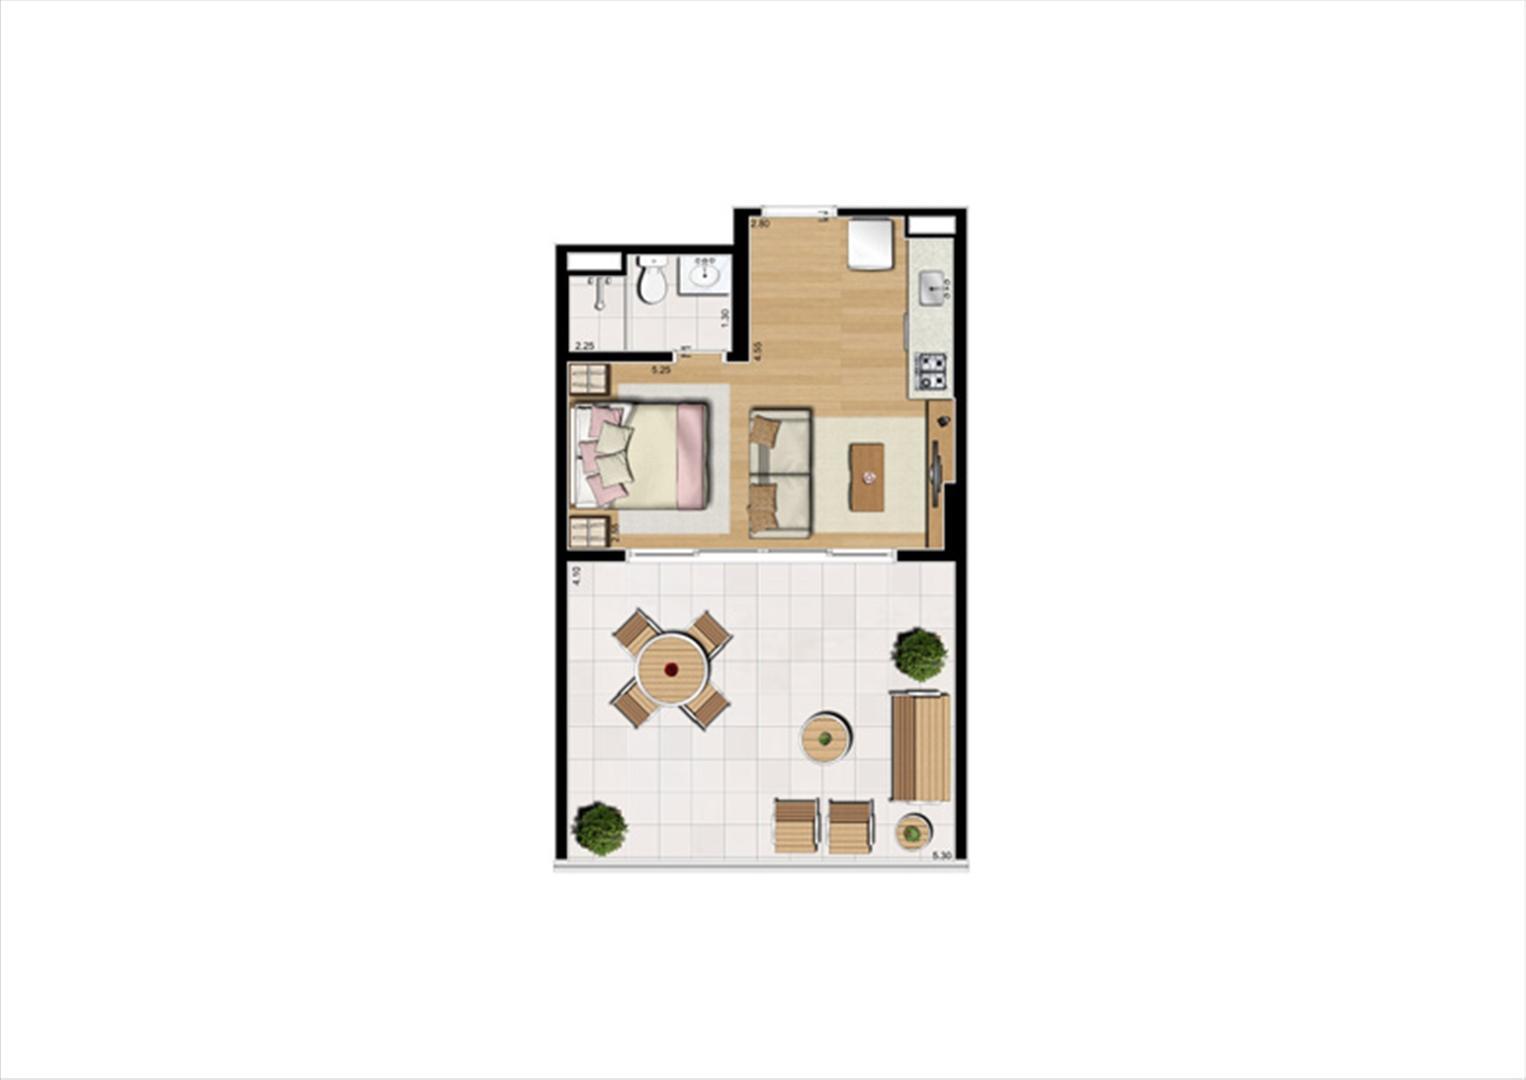 Planta studio inteligente de 48 m² - 9º pavimento, finais 2 e 9 | Home Boutique – Apartamento no  Brooklin - São Paulo - São Paulo